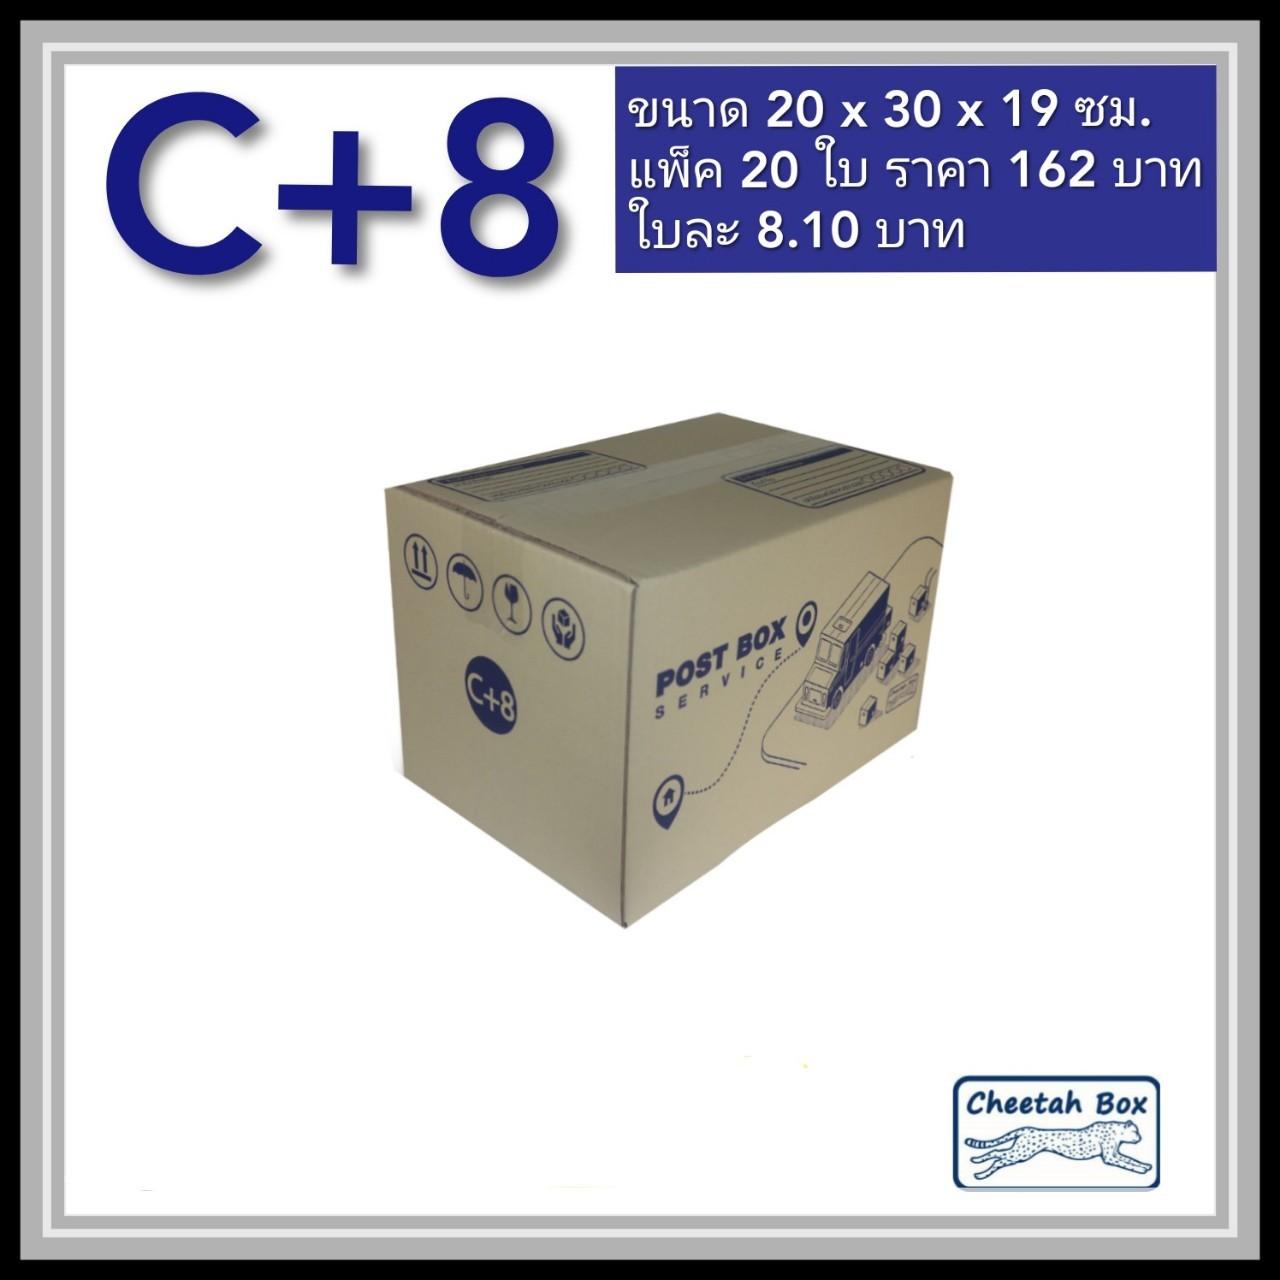 กล่องไปรษณีย์ C+8 (Cheetah Box ขนาด 20*30*19 CM)